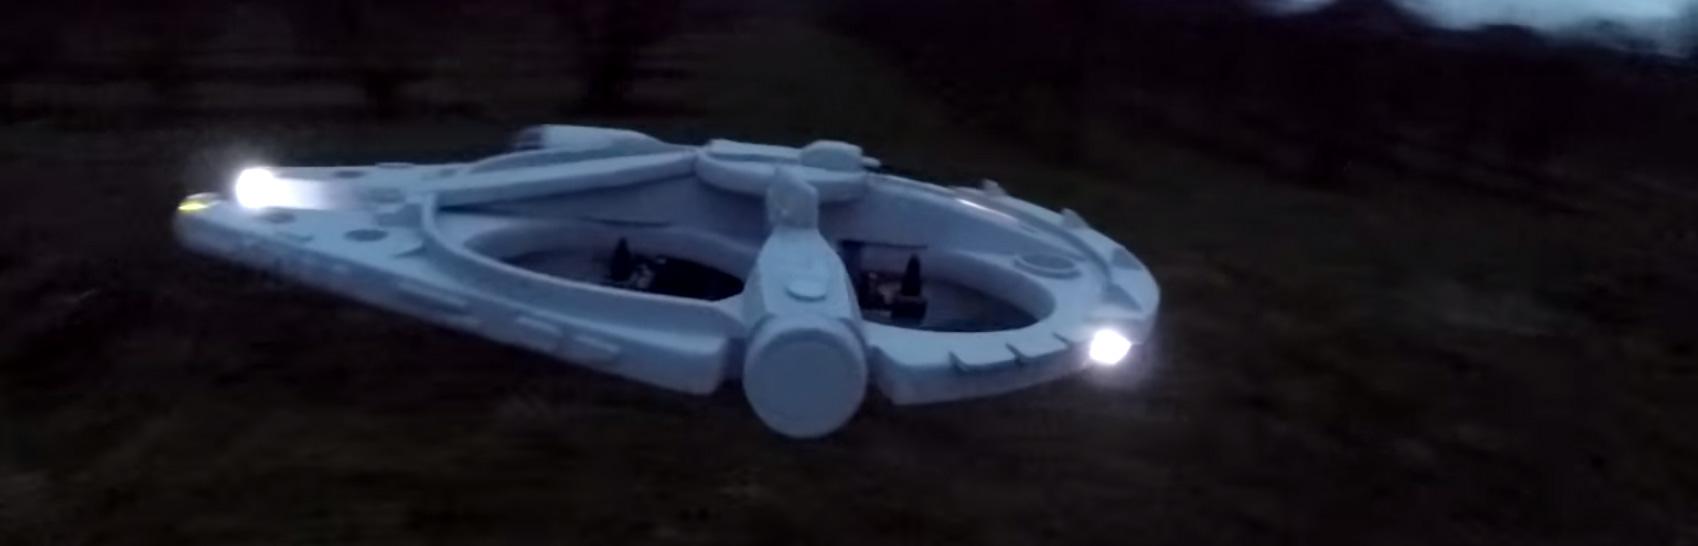 Einen Millennium Falcon als Drone gebaut. Weil es geht.